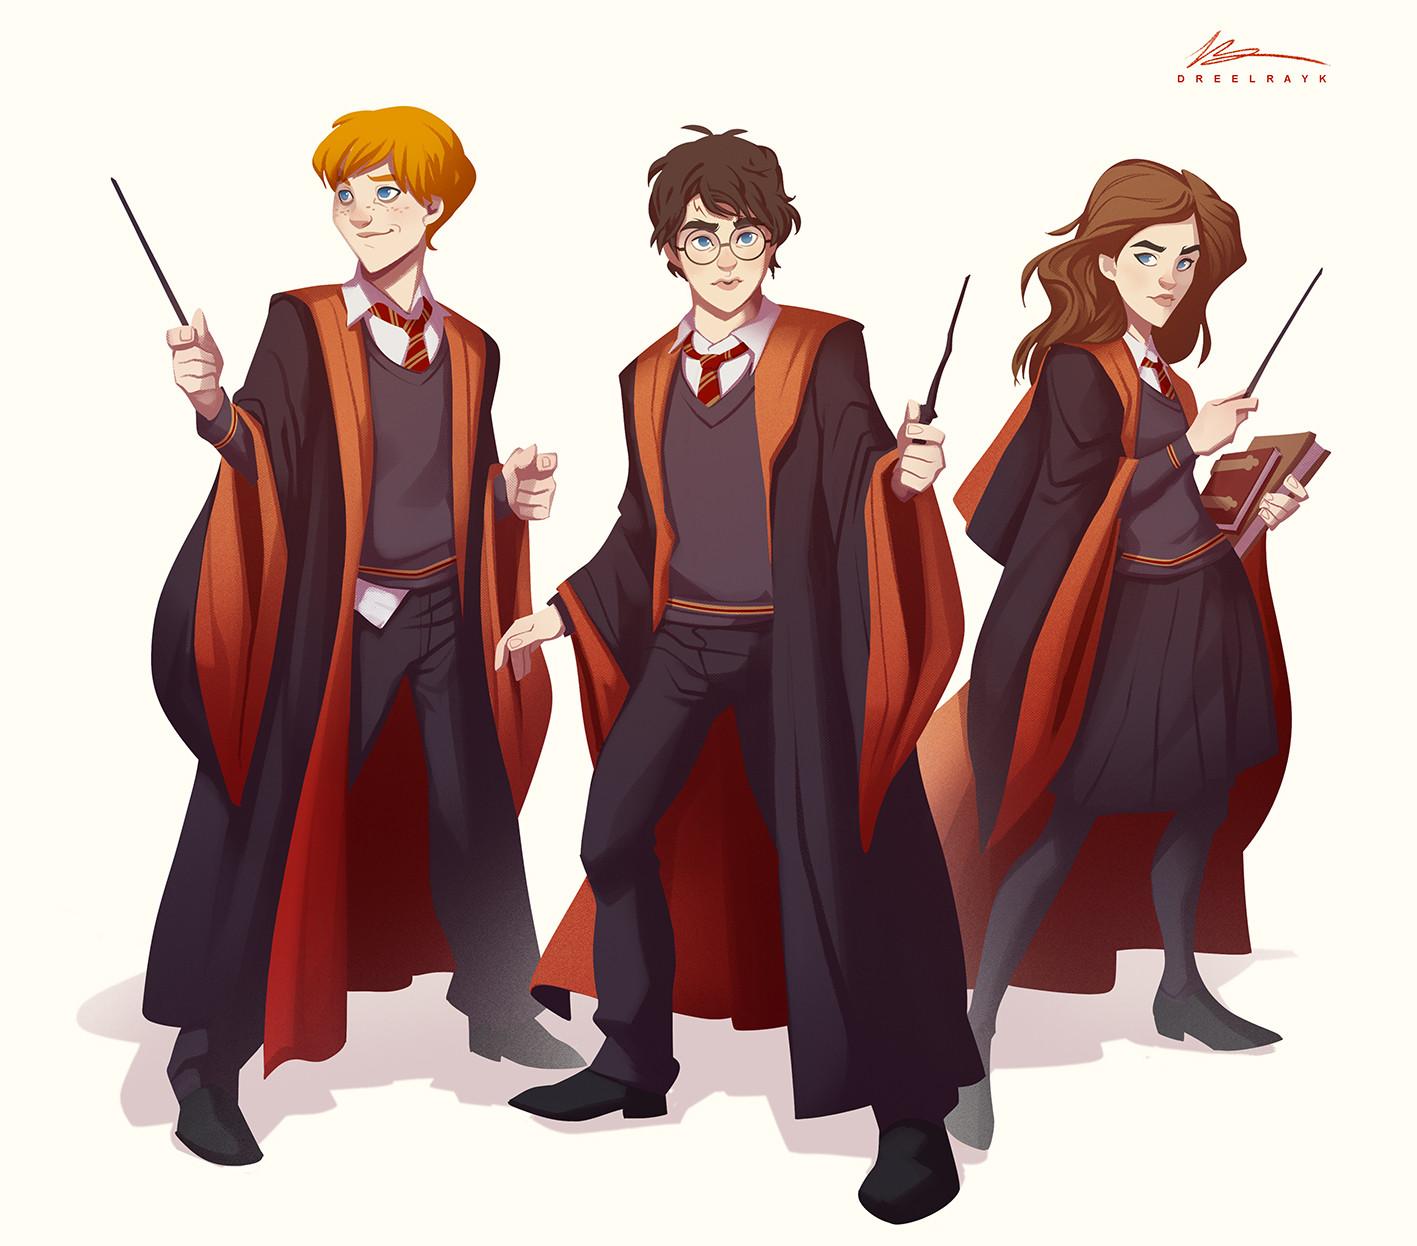 Картинка для Кто ты, из Гарри Поттера, по знаку зодиака?